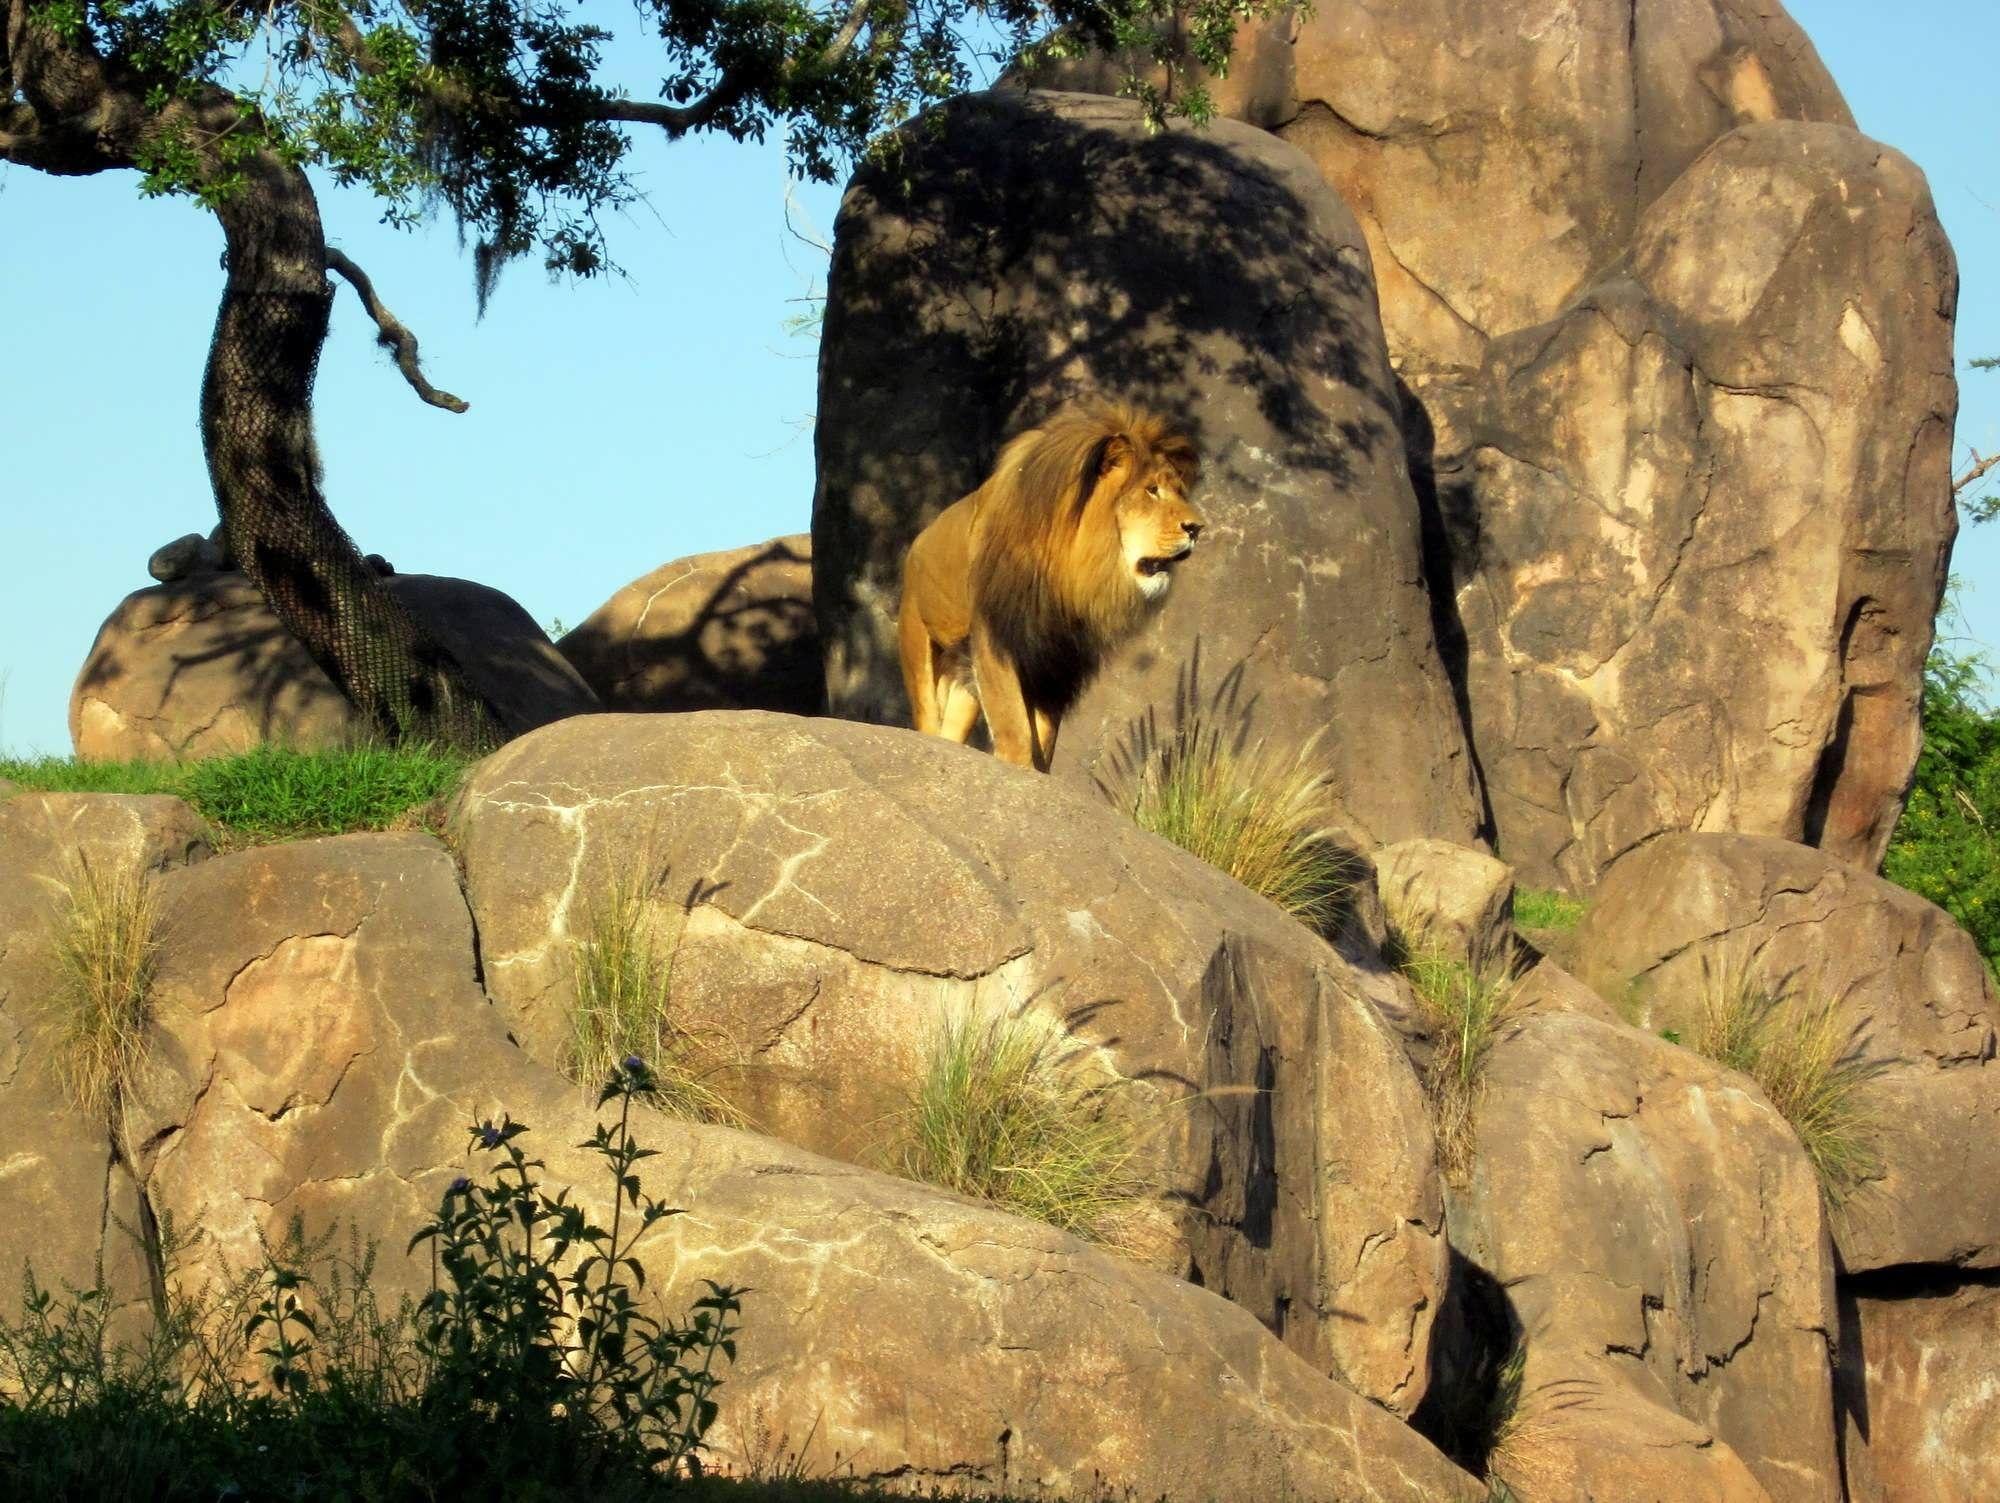 Kilimanjaro Safaris Animal Kingdom Kilimanjaro Safaris At Disney S Animal Kingdom Safari